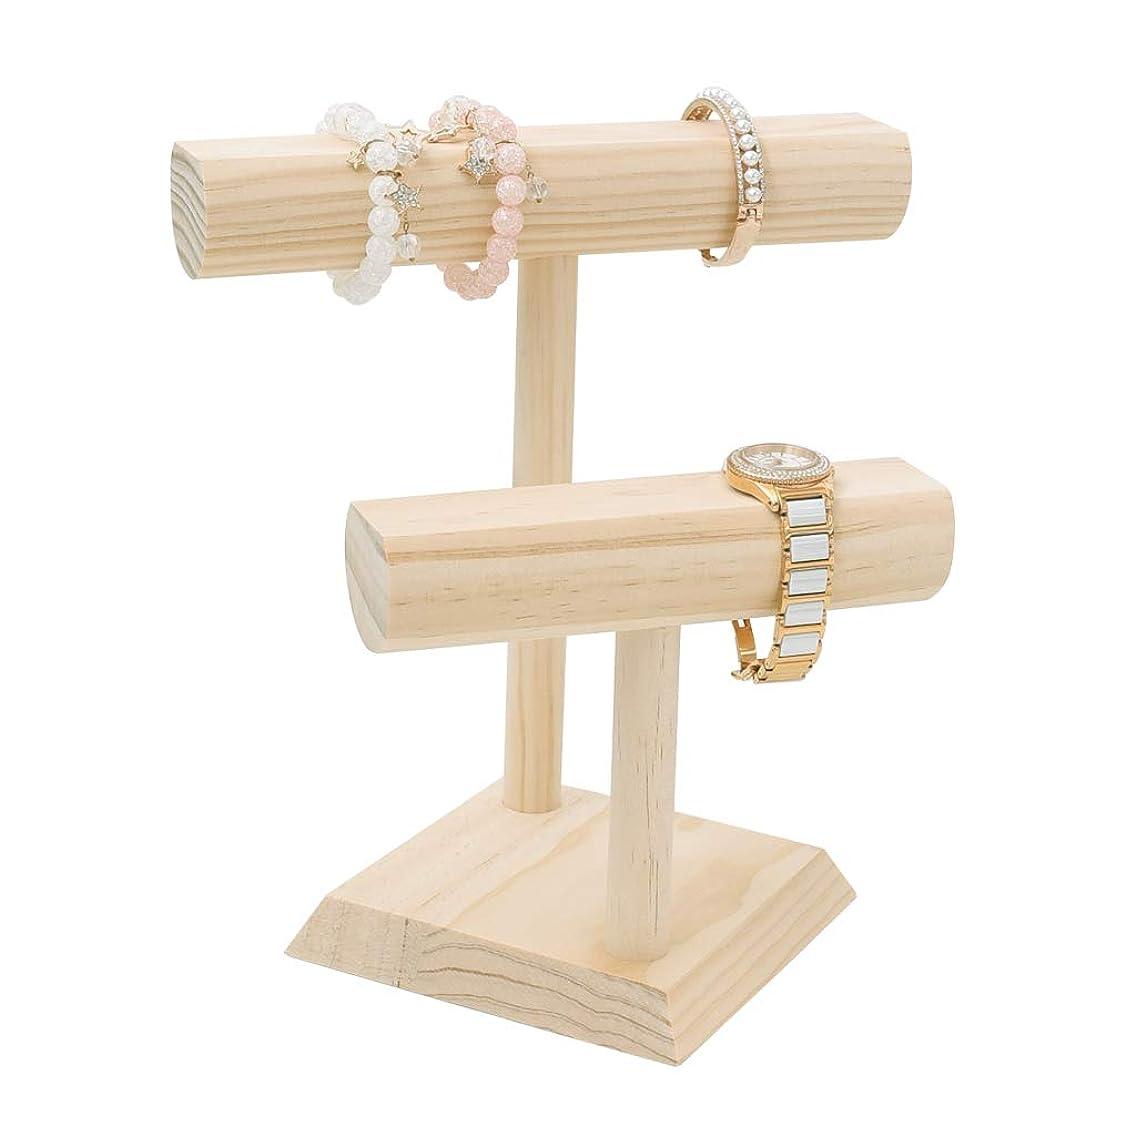 ニックネームちらつき条件付き腕時計スタンド ウォッチ収納 アクセサリースタンド ディスプレイスタンド 組み立て式 アクセサリー ジュエリー収納 ブレスレットホルダー シンプル (2段)